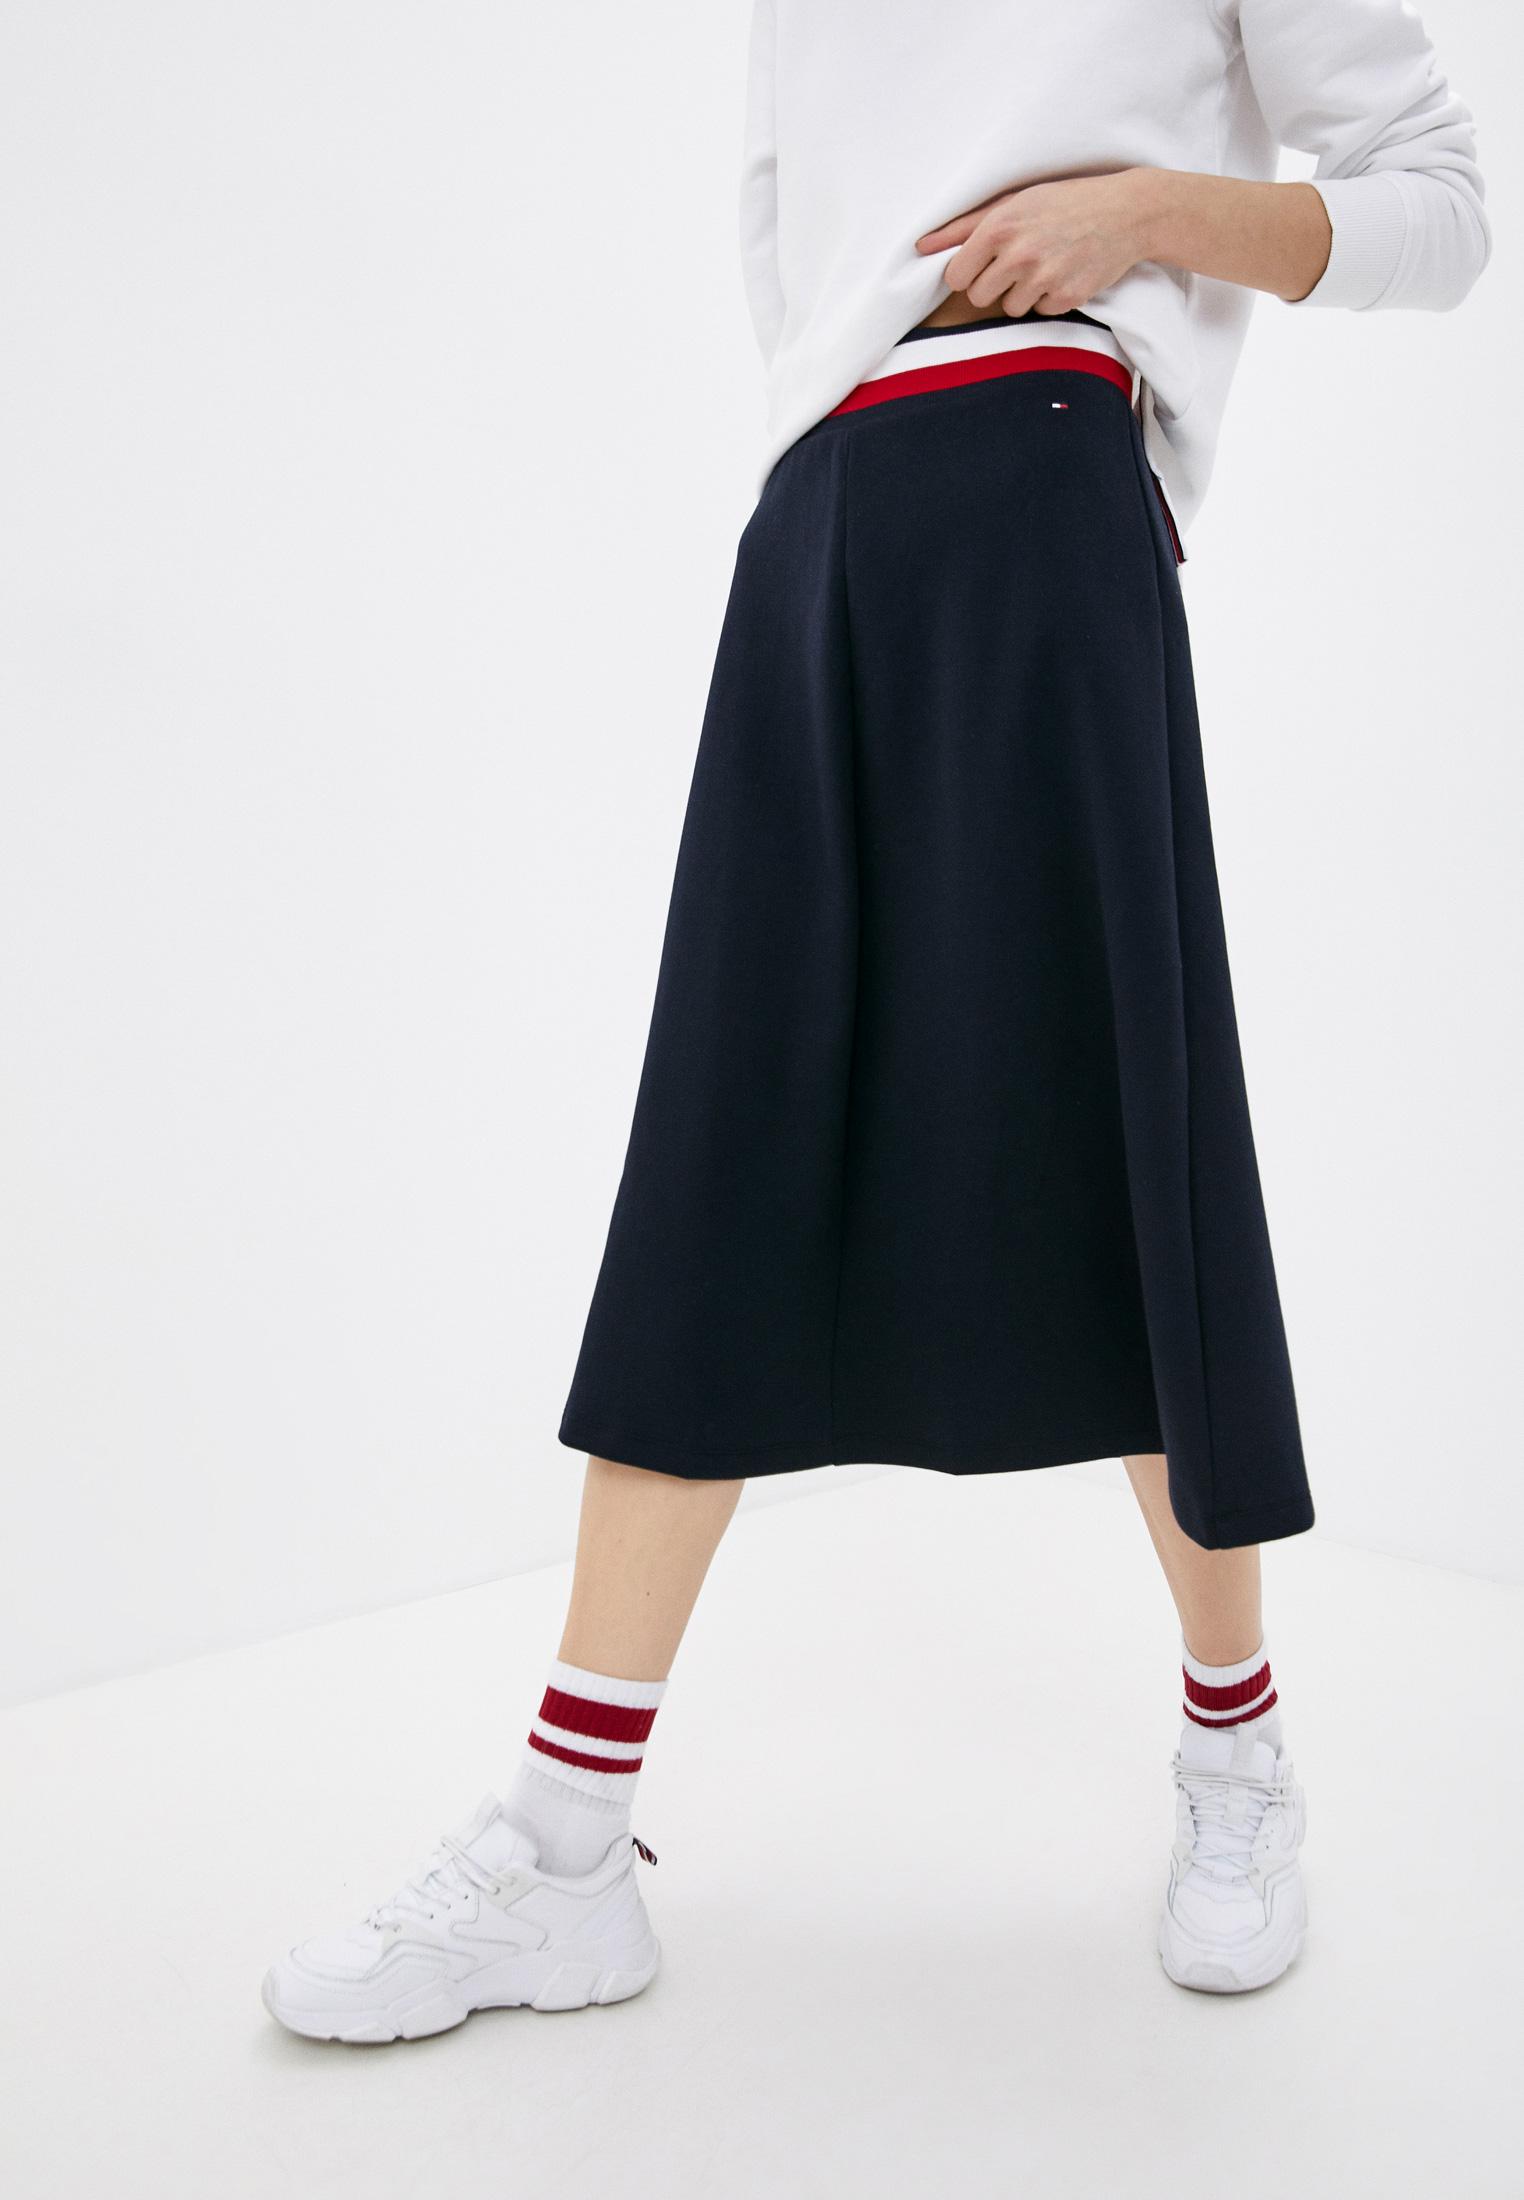 Широкая юбка Tommy Hilfiger (Томми Хилфигер) WW0WW30585: изображение 1